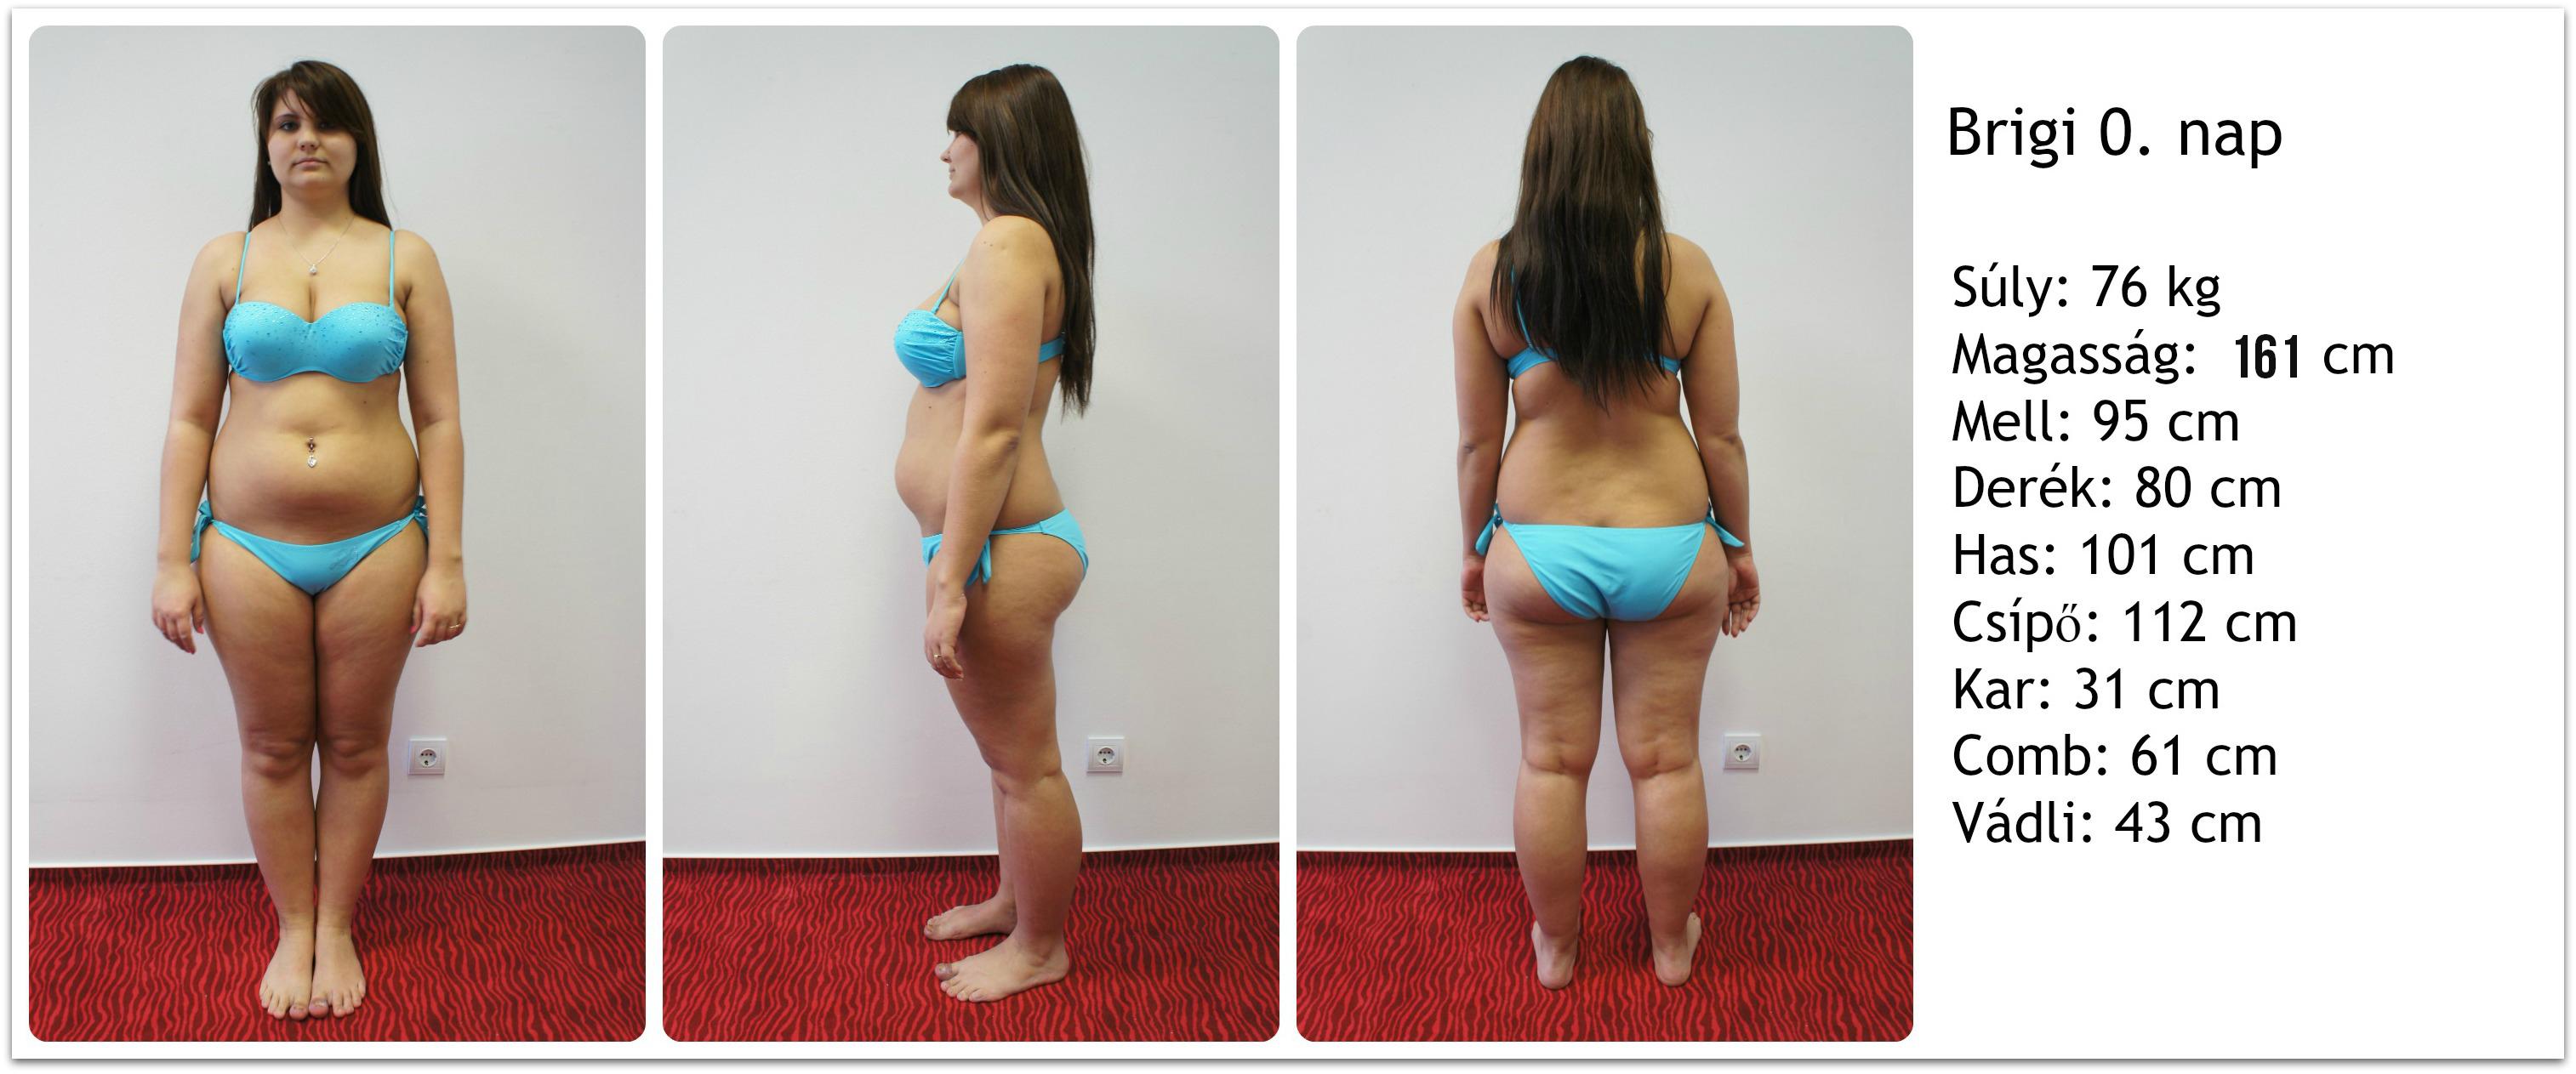 30 kg súlycsökkenés 5 hónap alatt - Így fogyott Ildikó 30 kilót négy hónap alatt - Blikk Rúzs